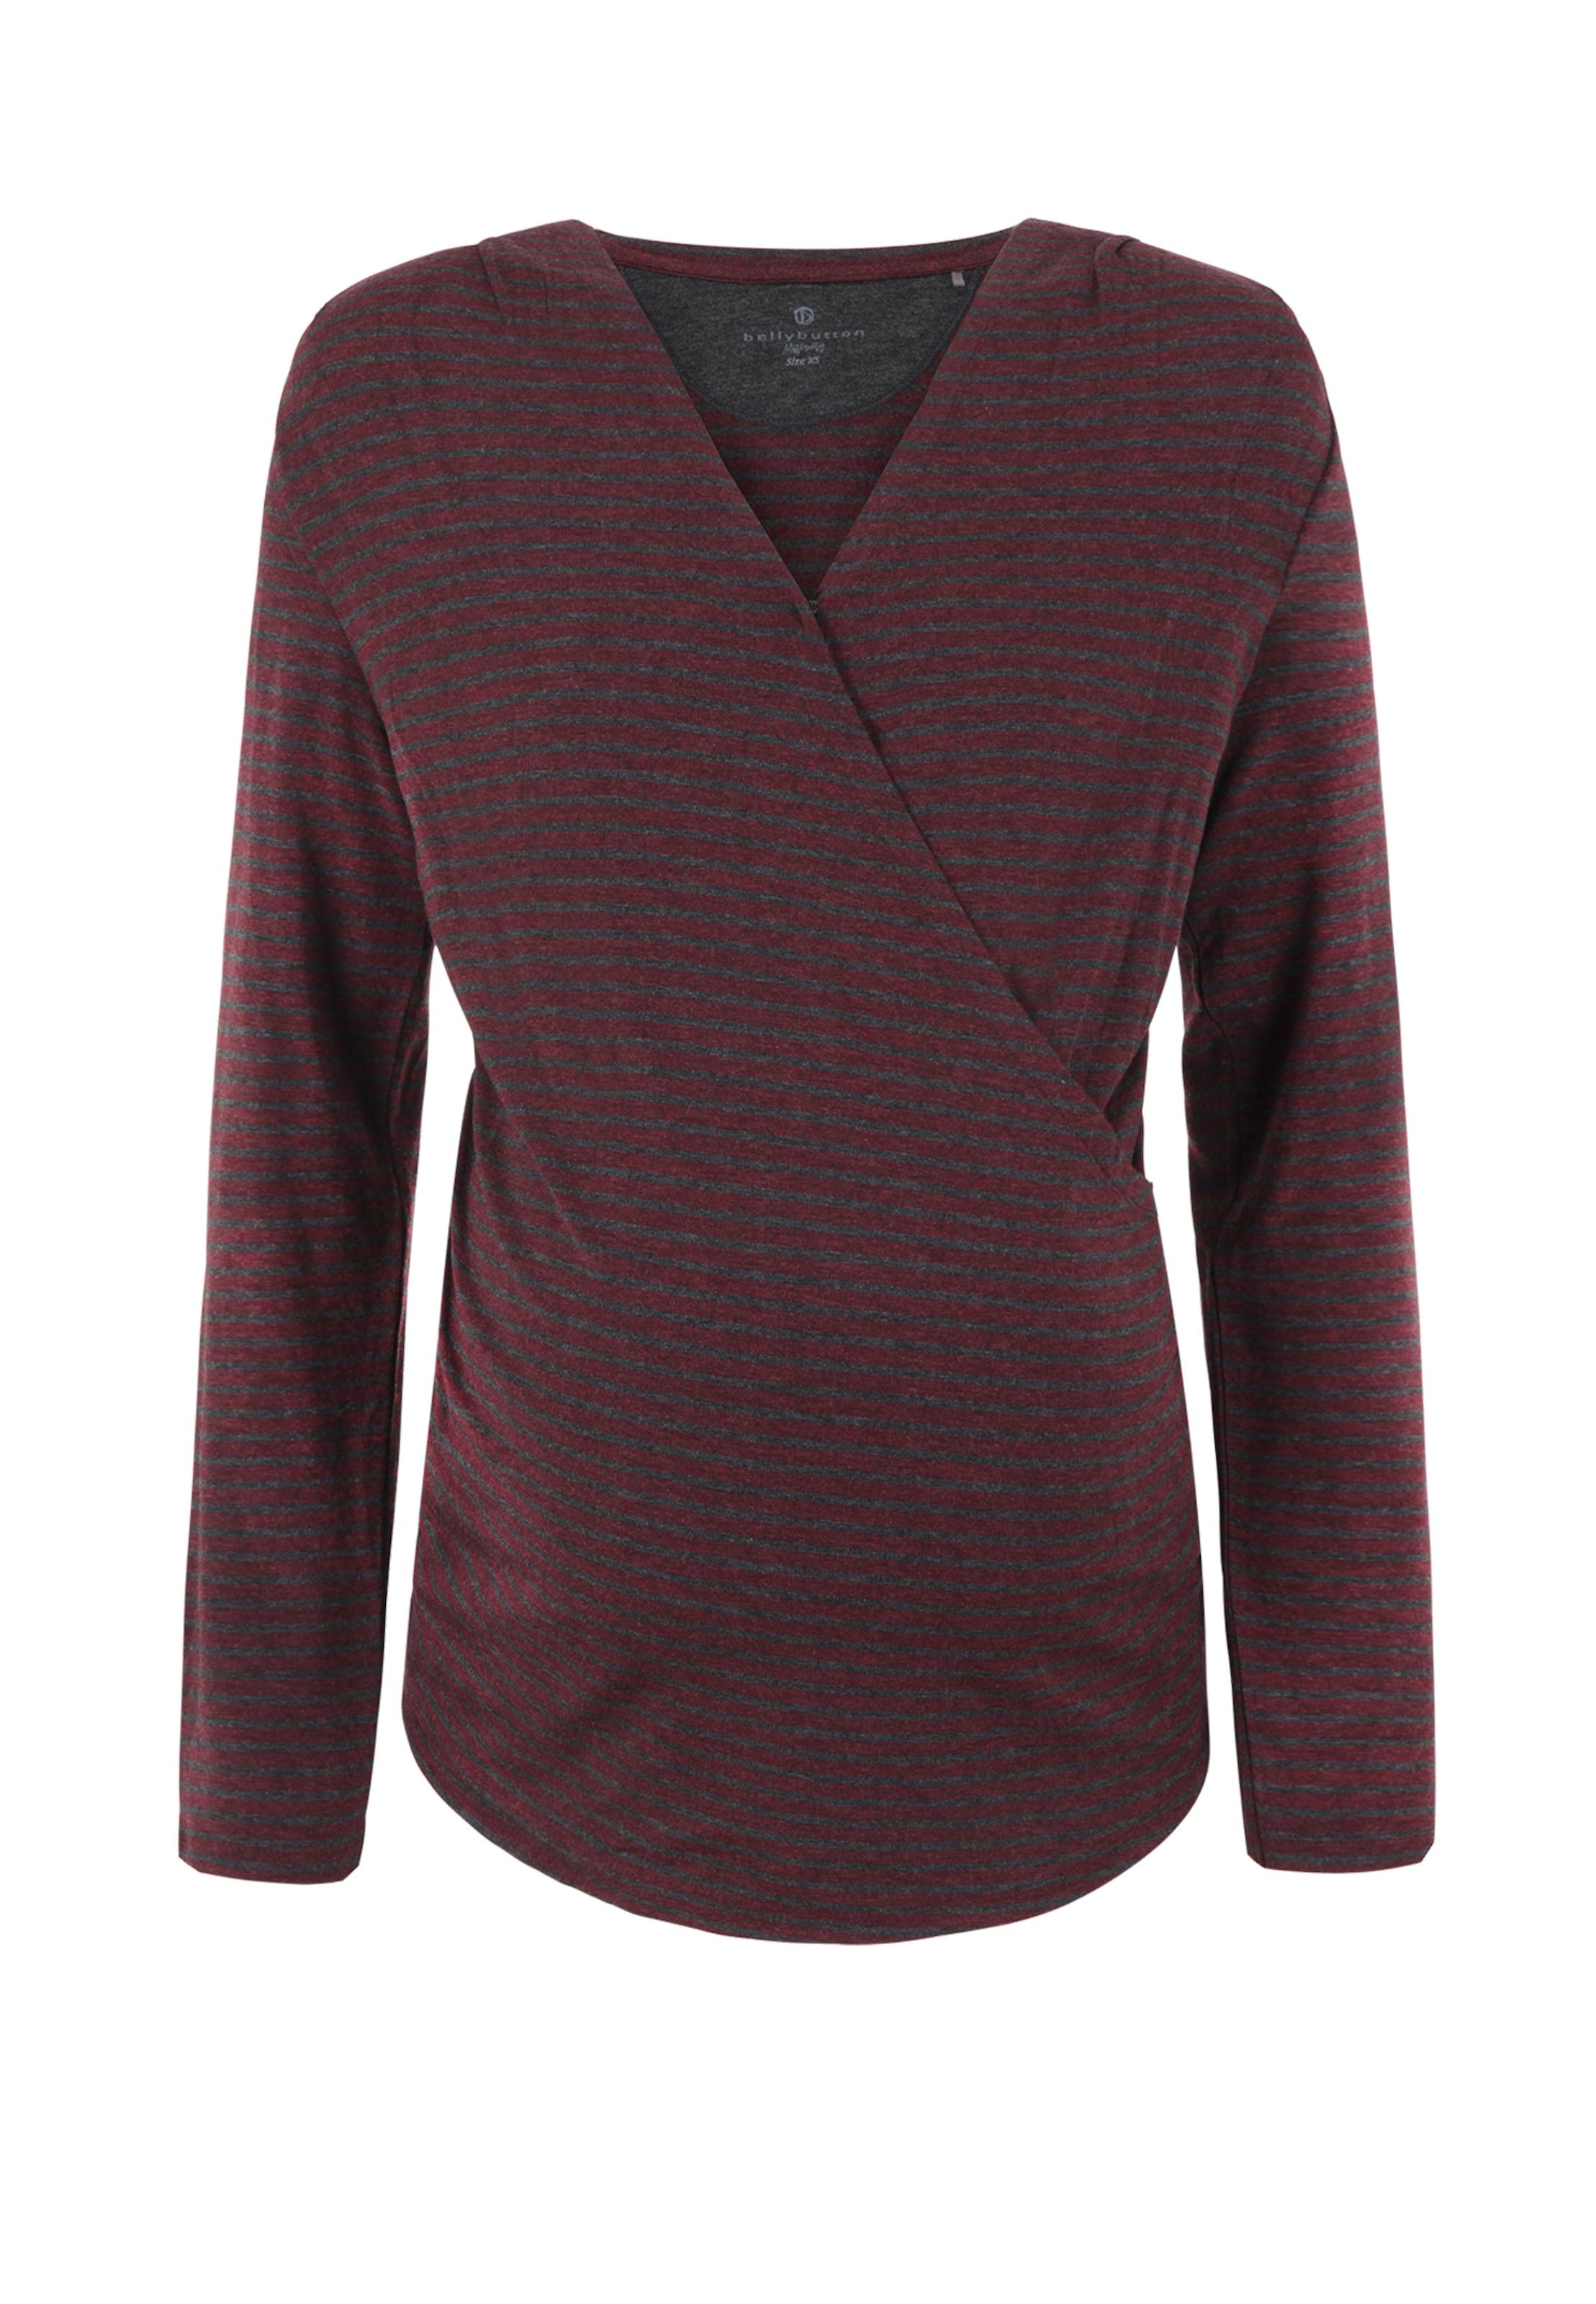 Bellybutton Shirt DunkelgrauWeinrot Shirt In Bellybutton In BdxerCoW